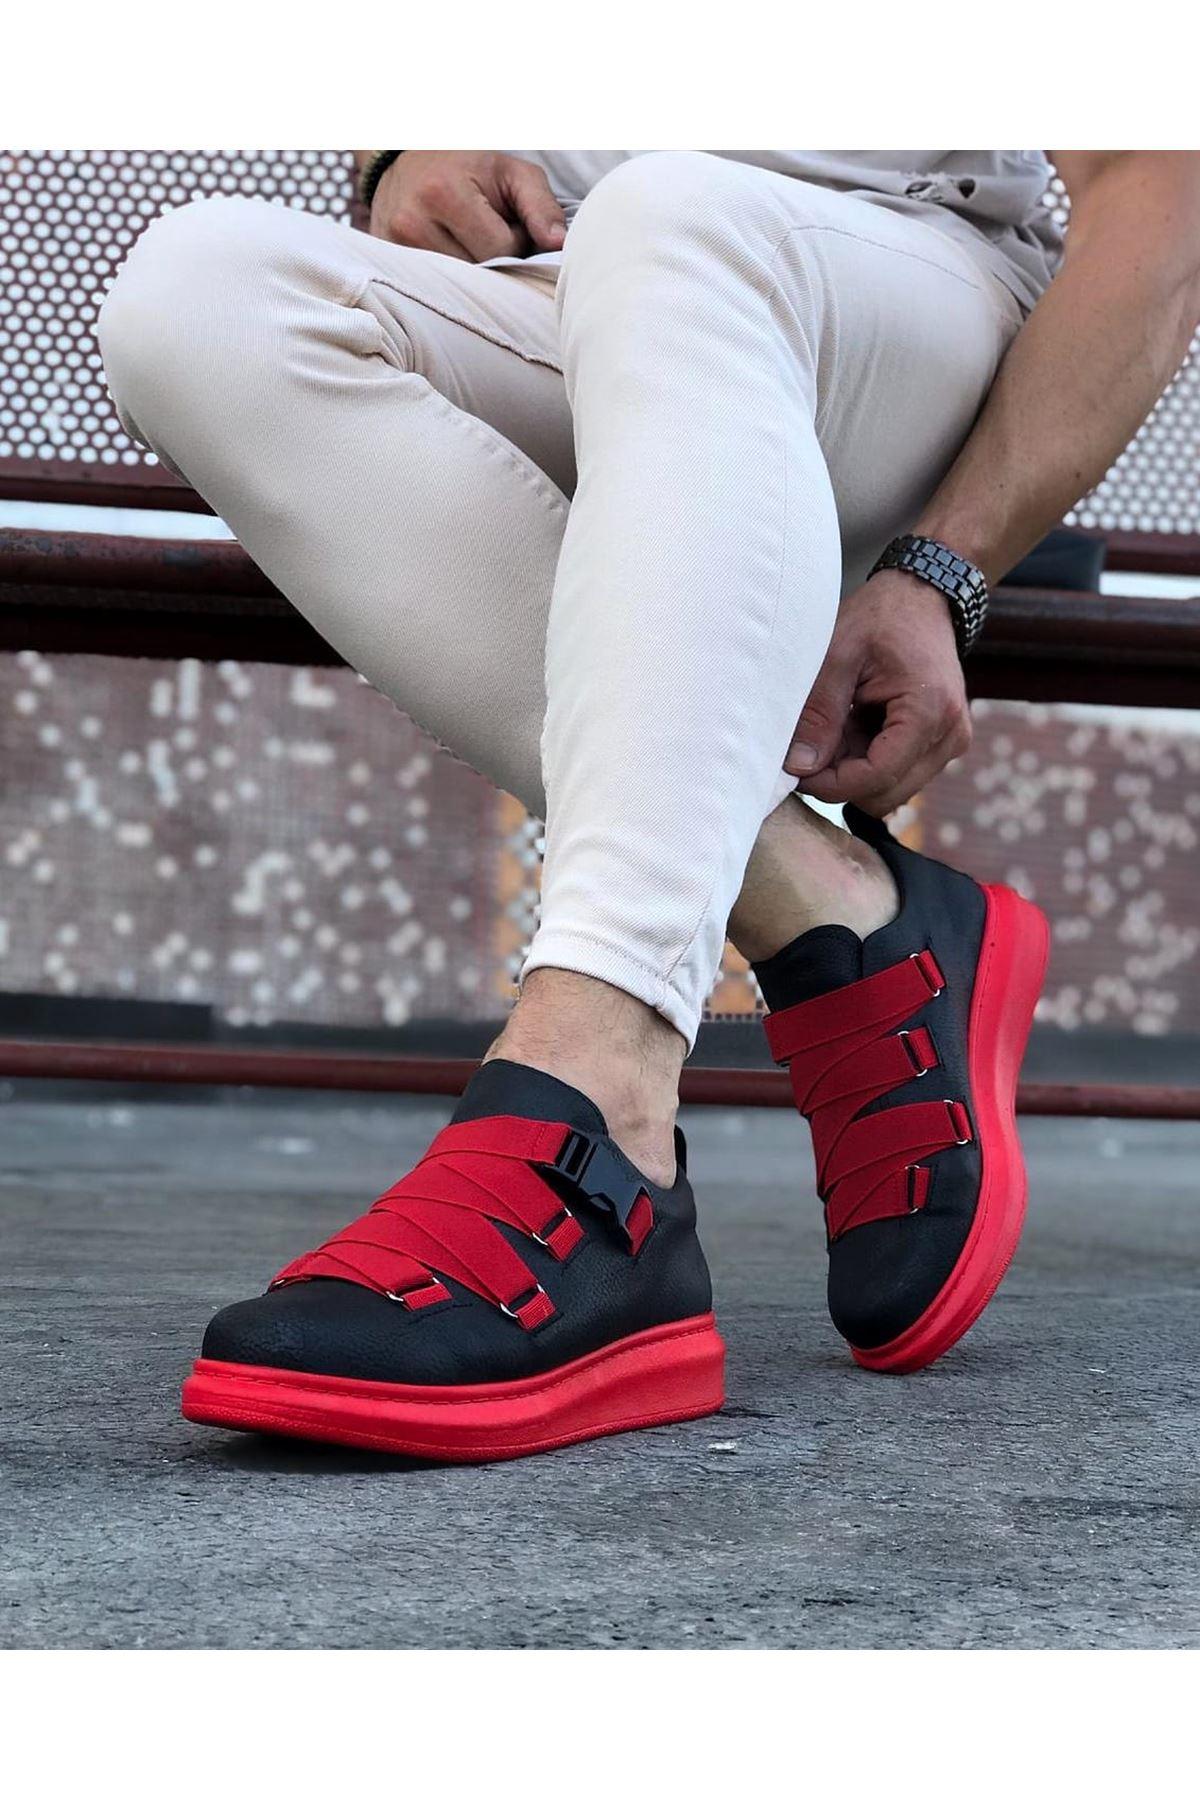 Wagoon WG033 Siyah Kırmızı Erkek Yüksek Taban  Ayakkabı